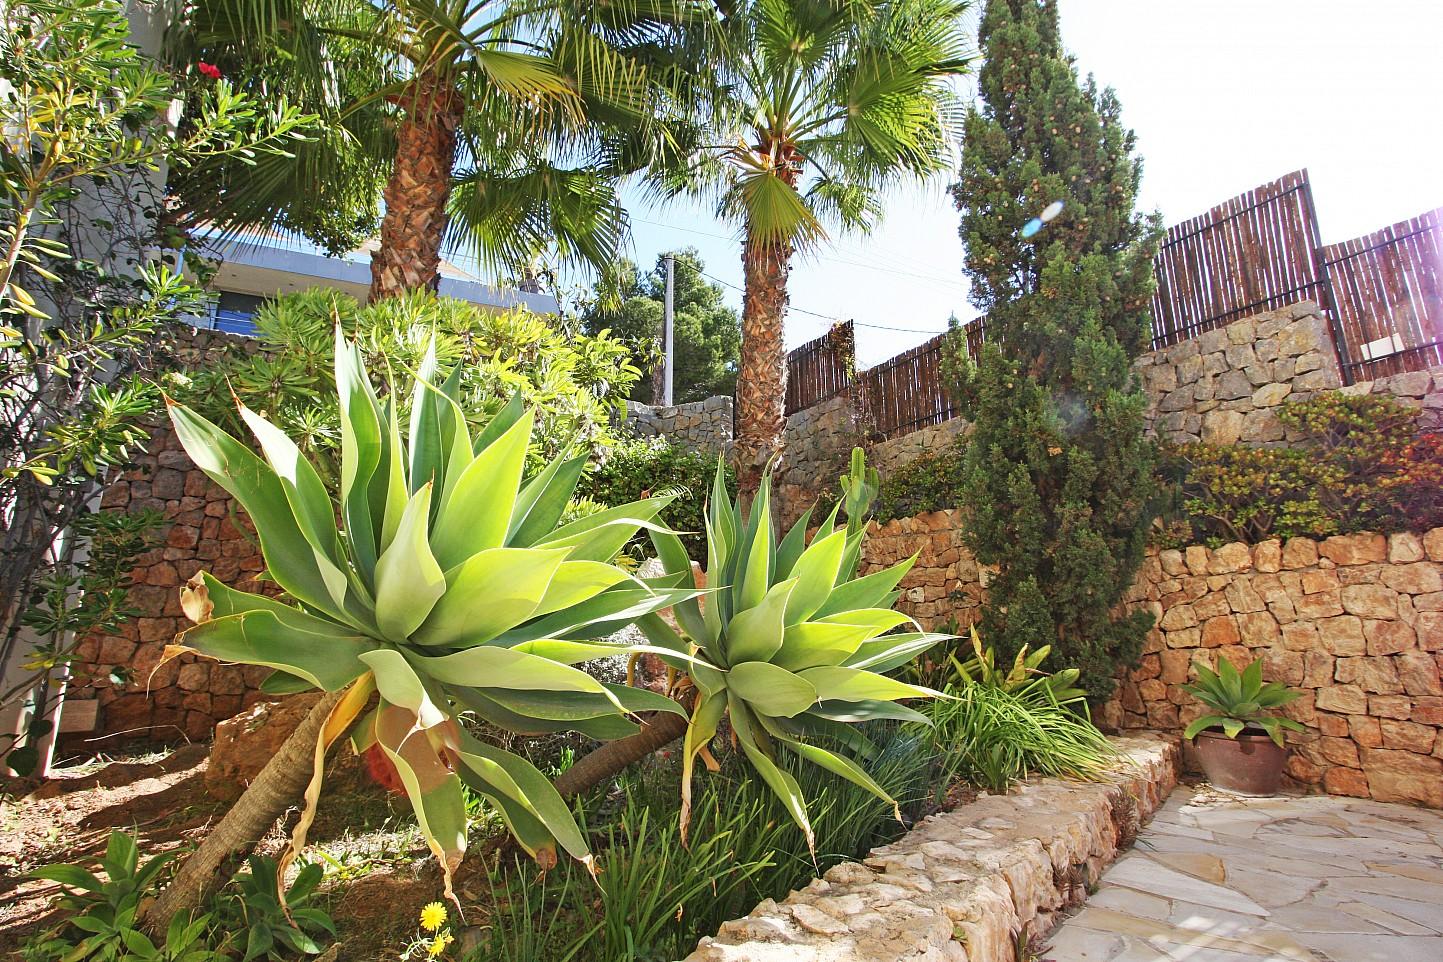 Jardins amb palmeres